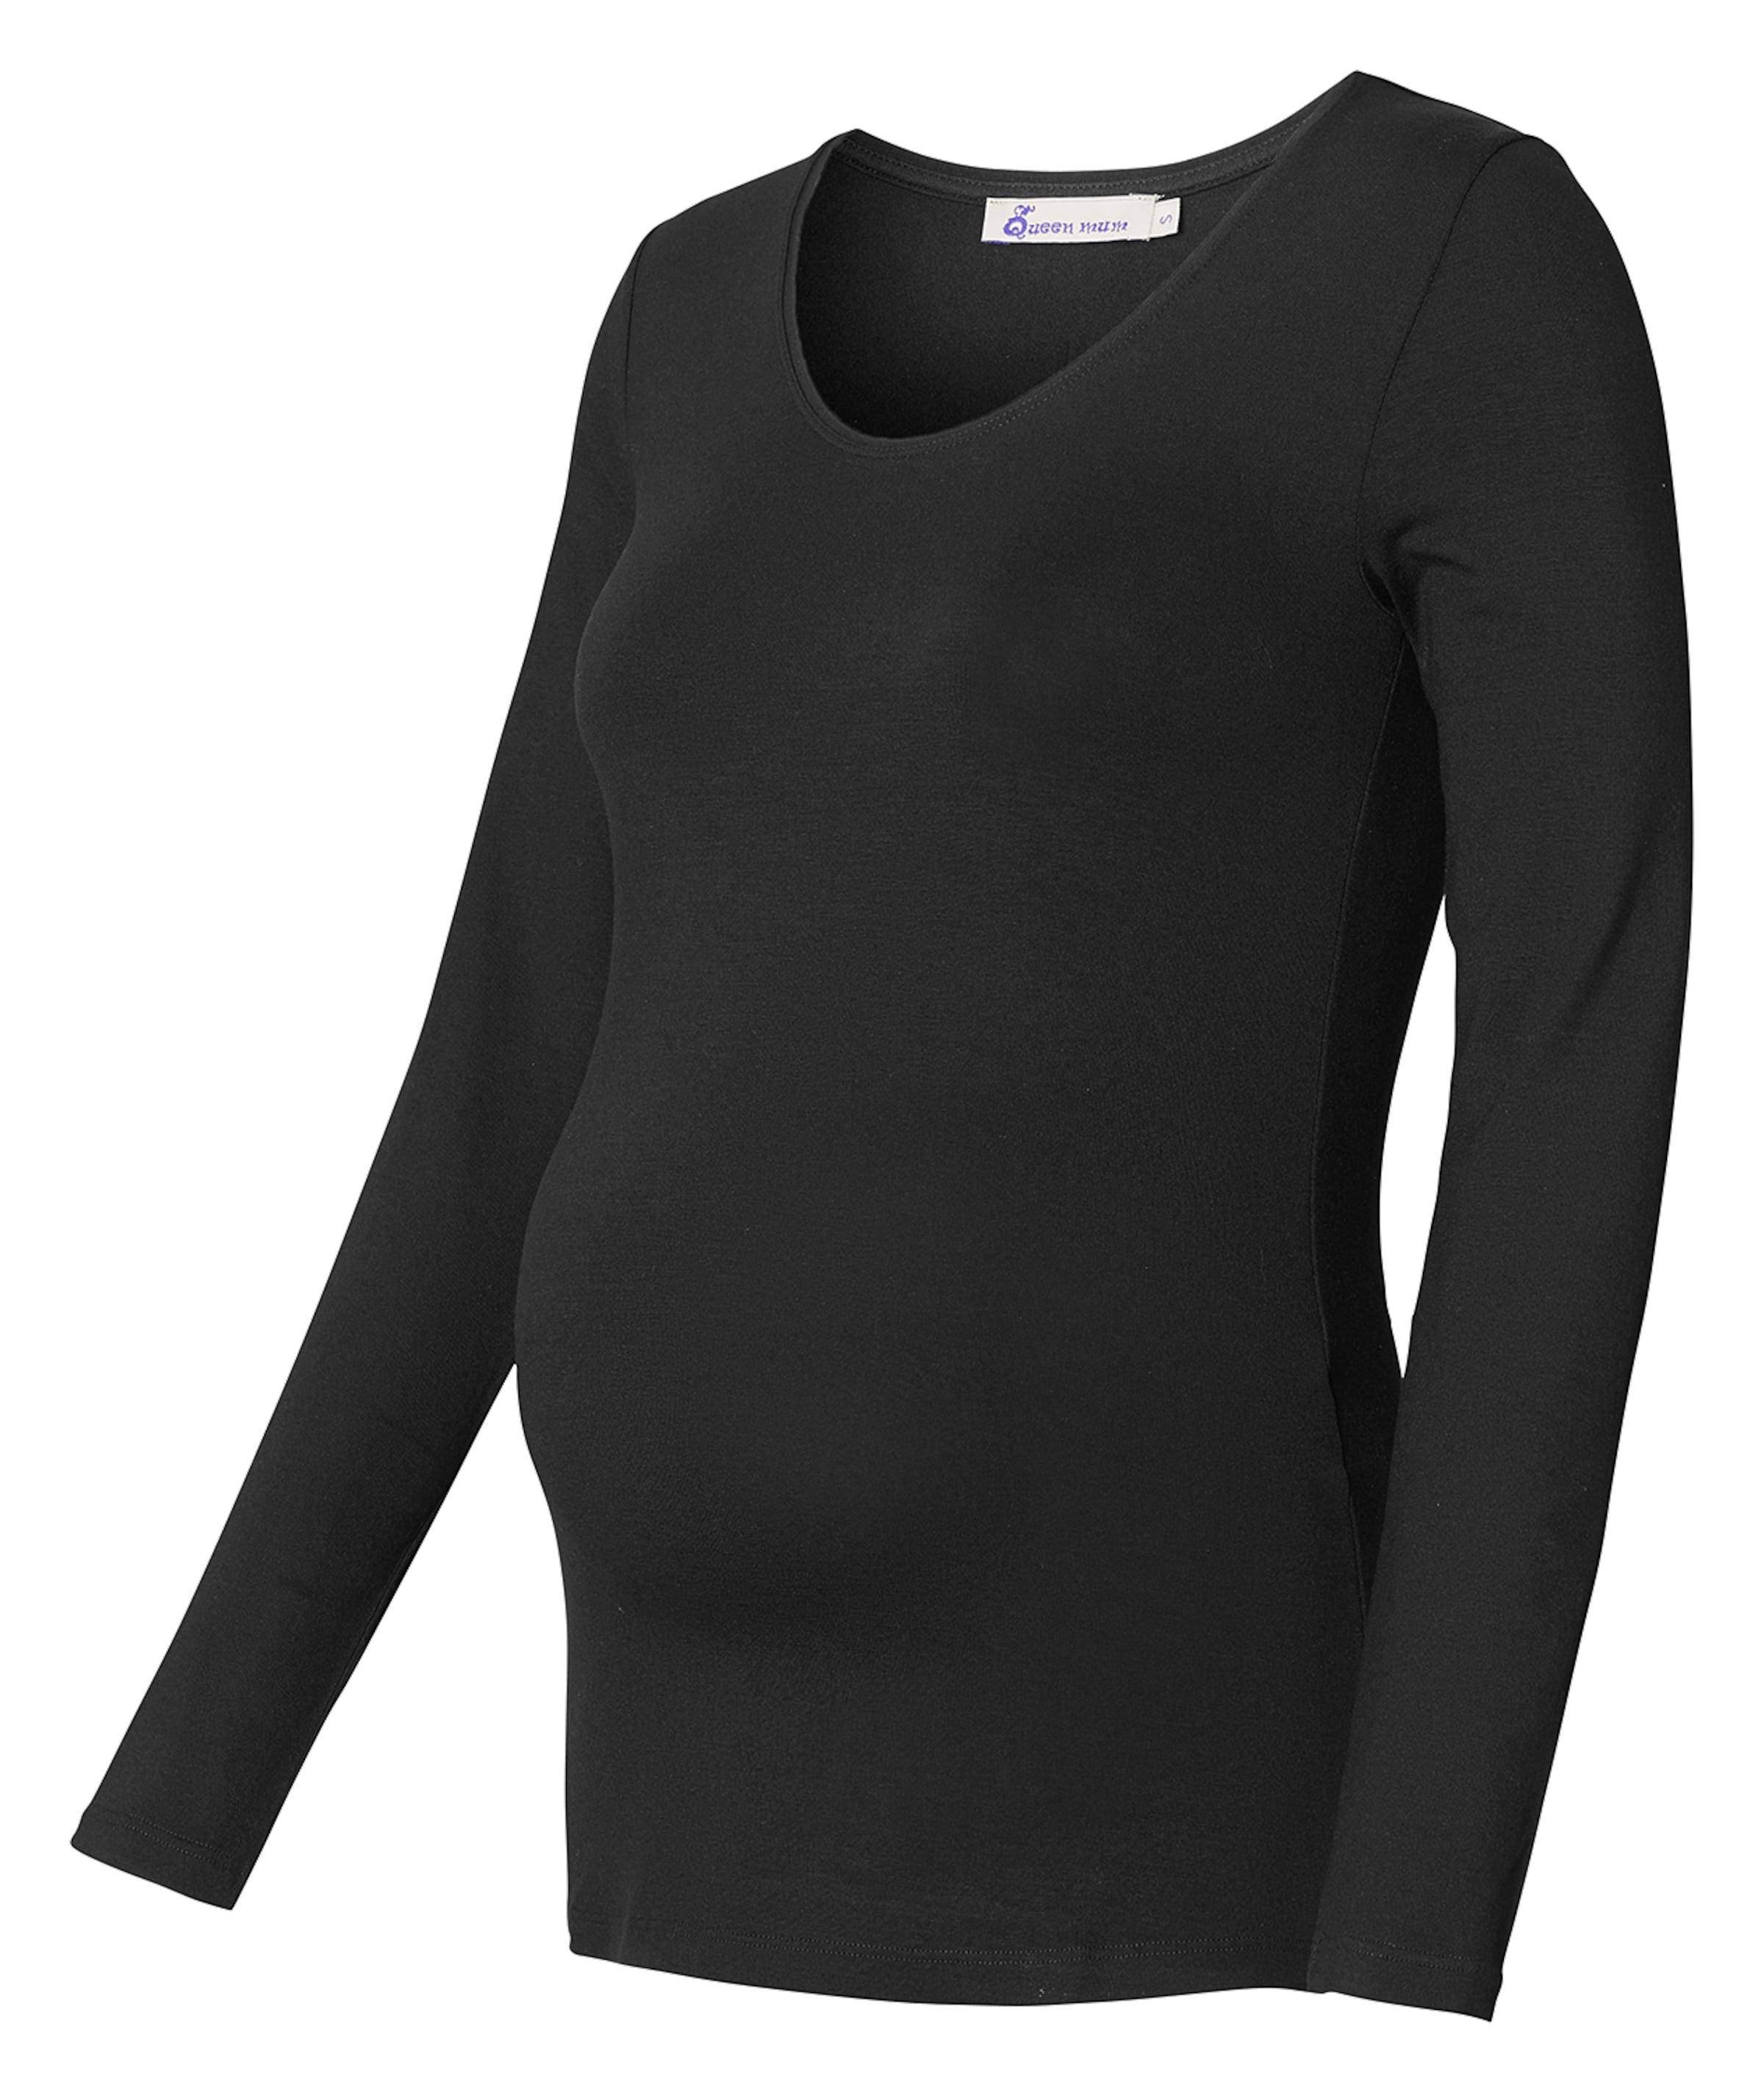 QUEEN MUM Langarmshirt Surfen Günstig Online Sammlungen Günstig Online Billig Verkauf Sammlungen Online Blättern Rabatt-Angebote nhohzf